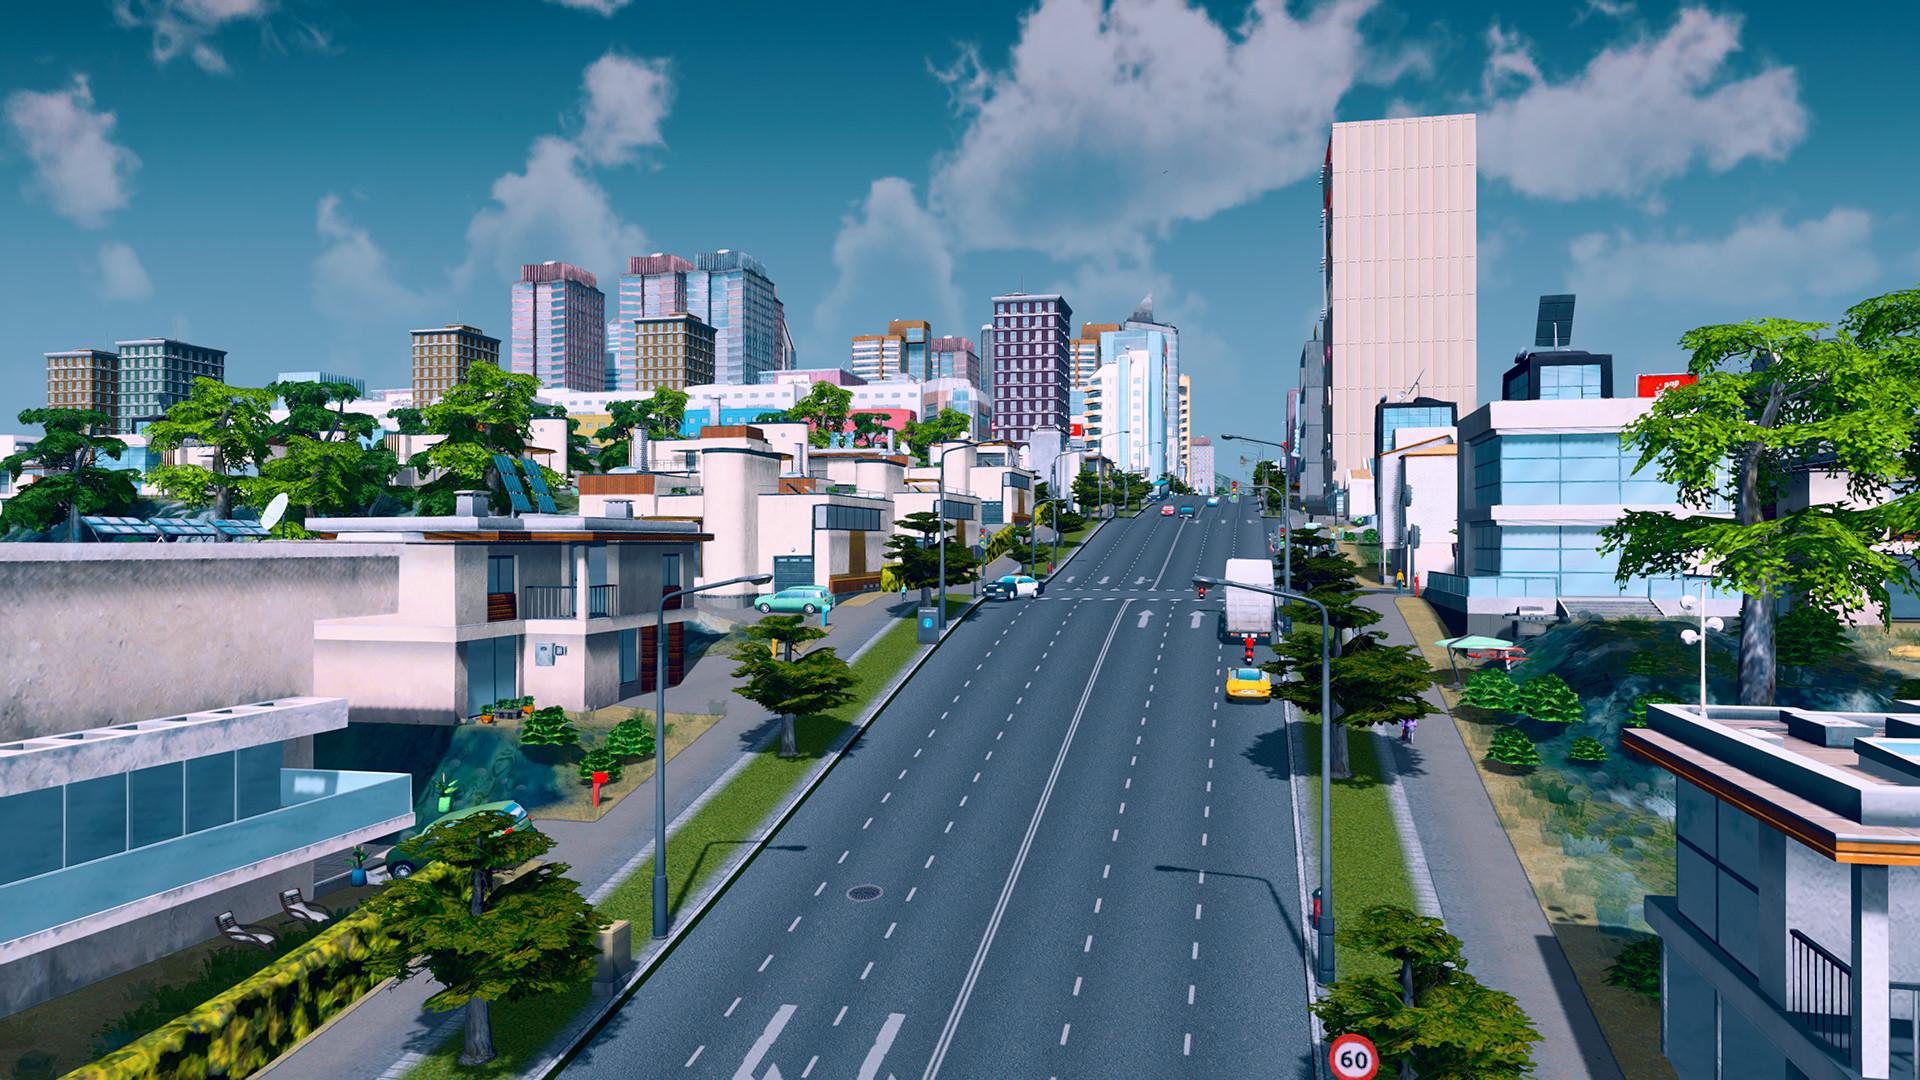 cities skylines best mods download